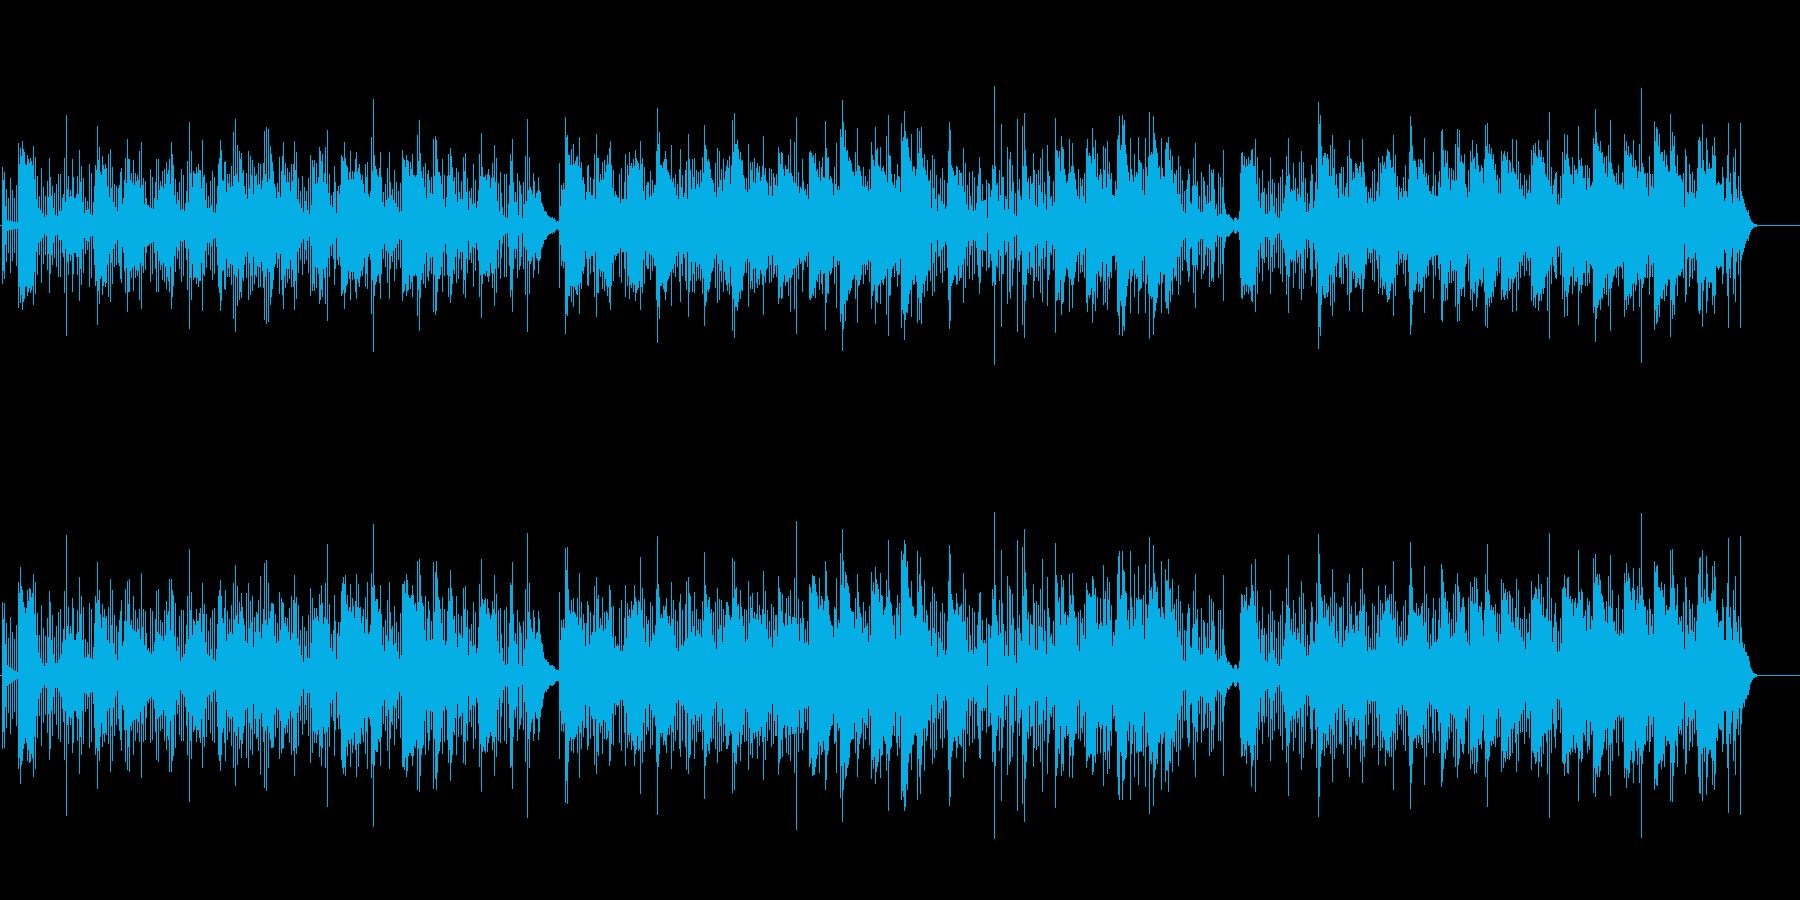 シタールによる伝統的なインド音楽風の再生済みの波形